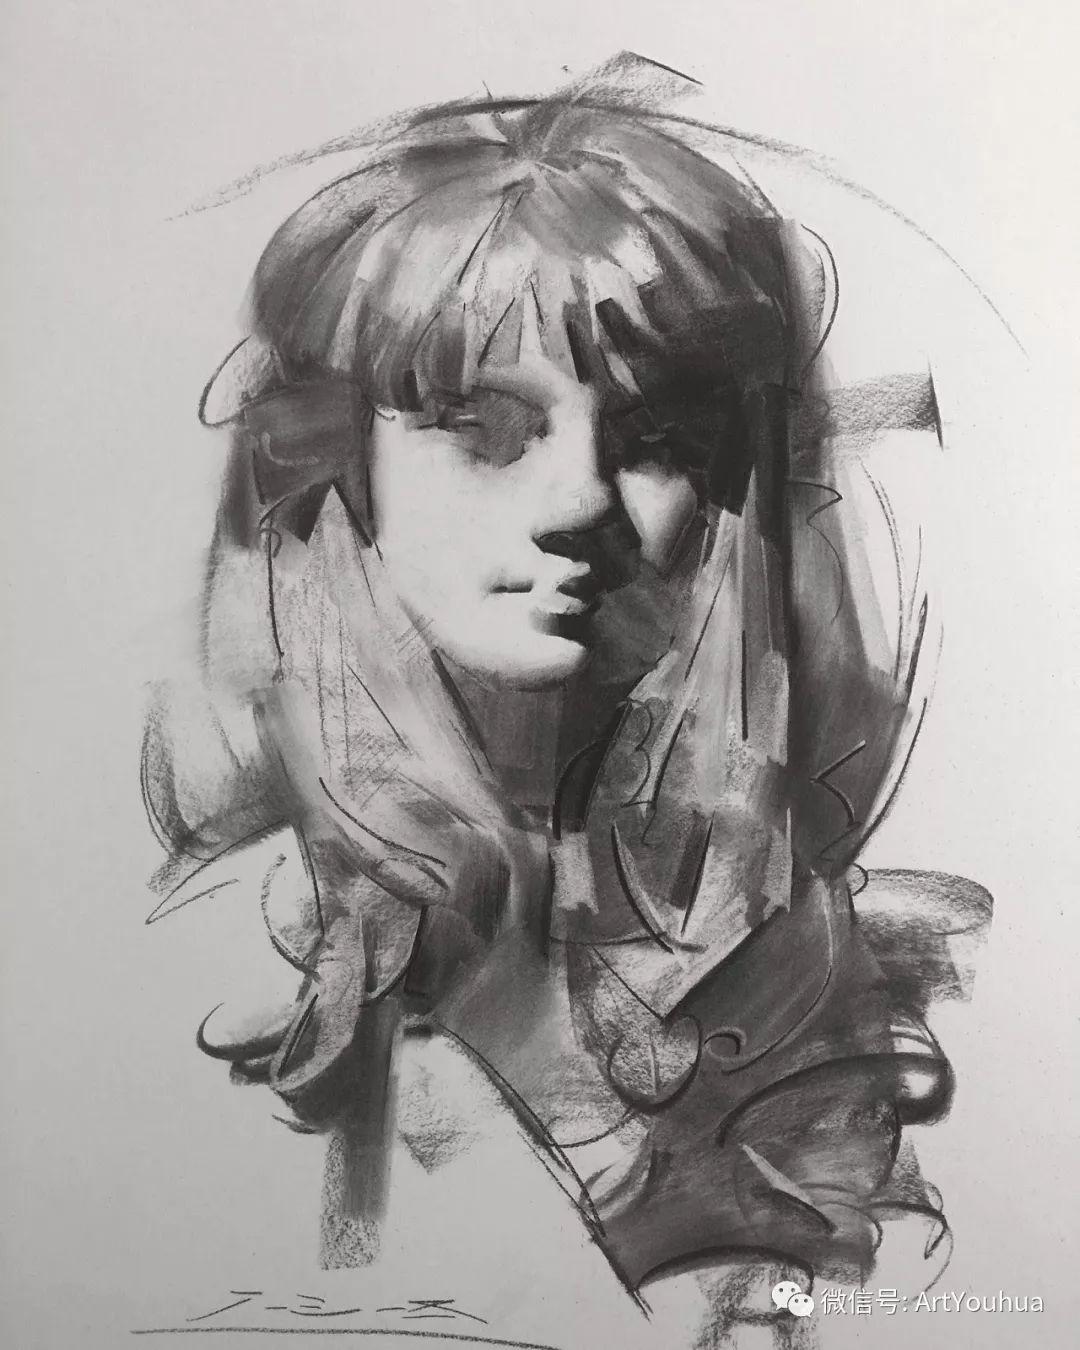 他的人物肖像绘画独具一格 还是位80后画家插图101